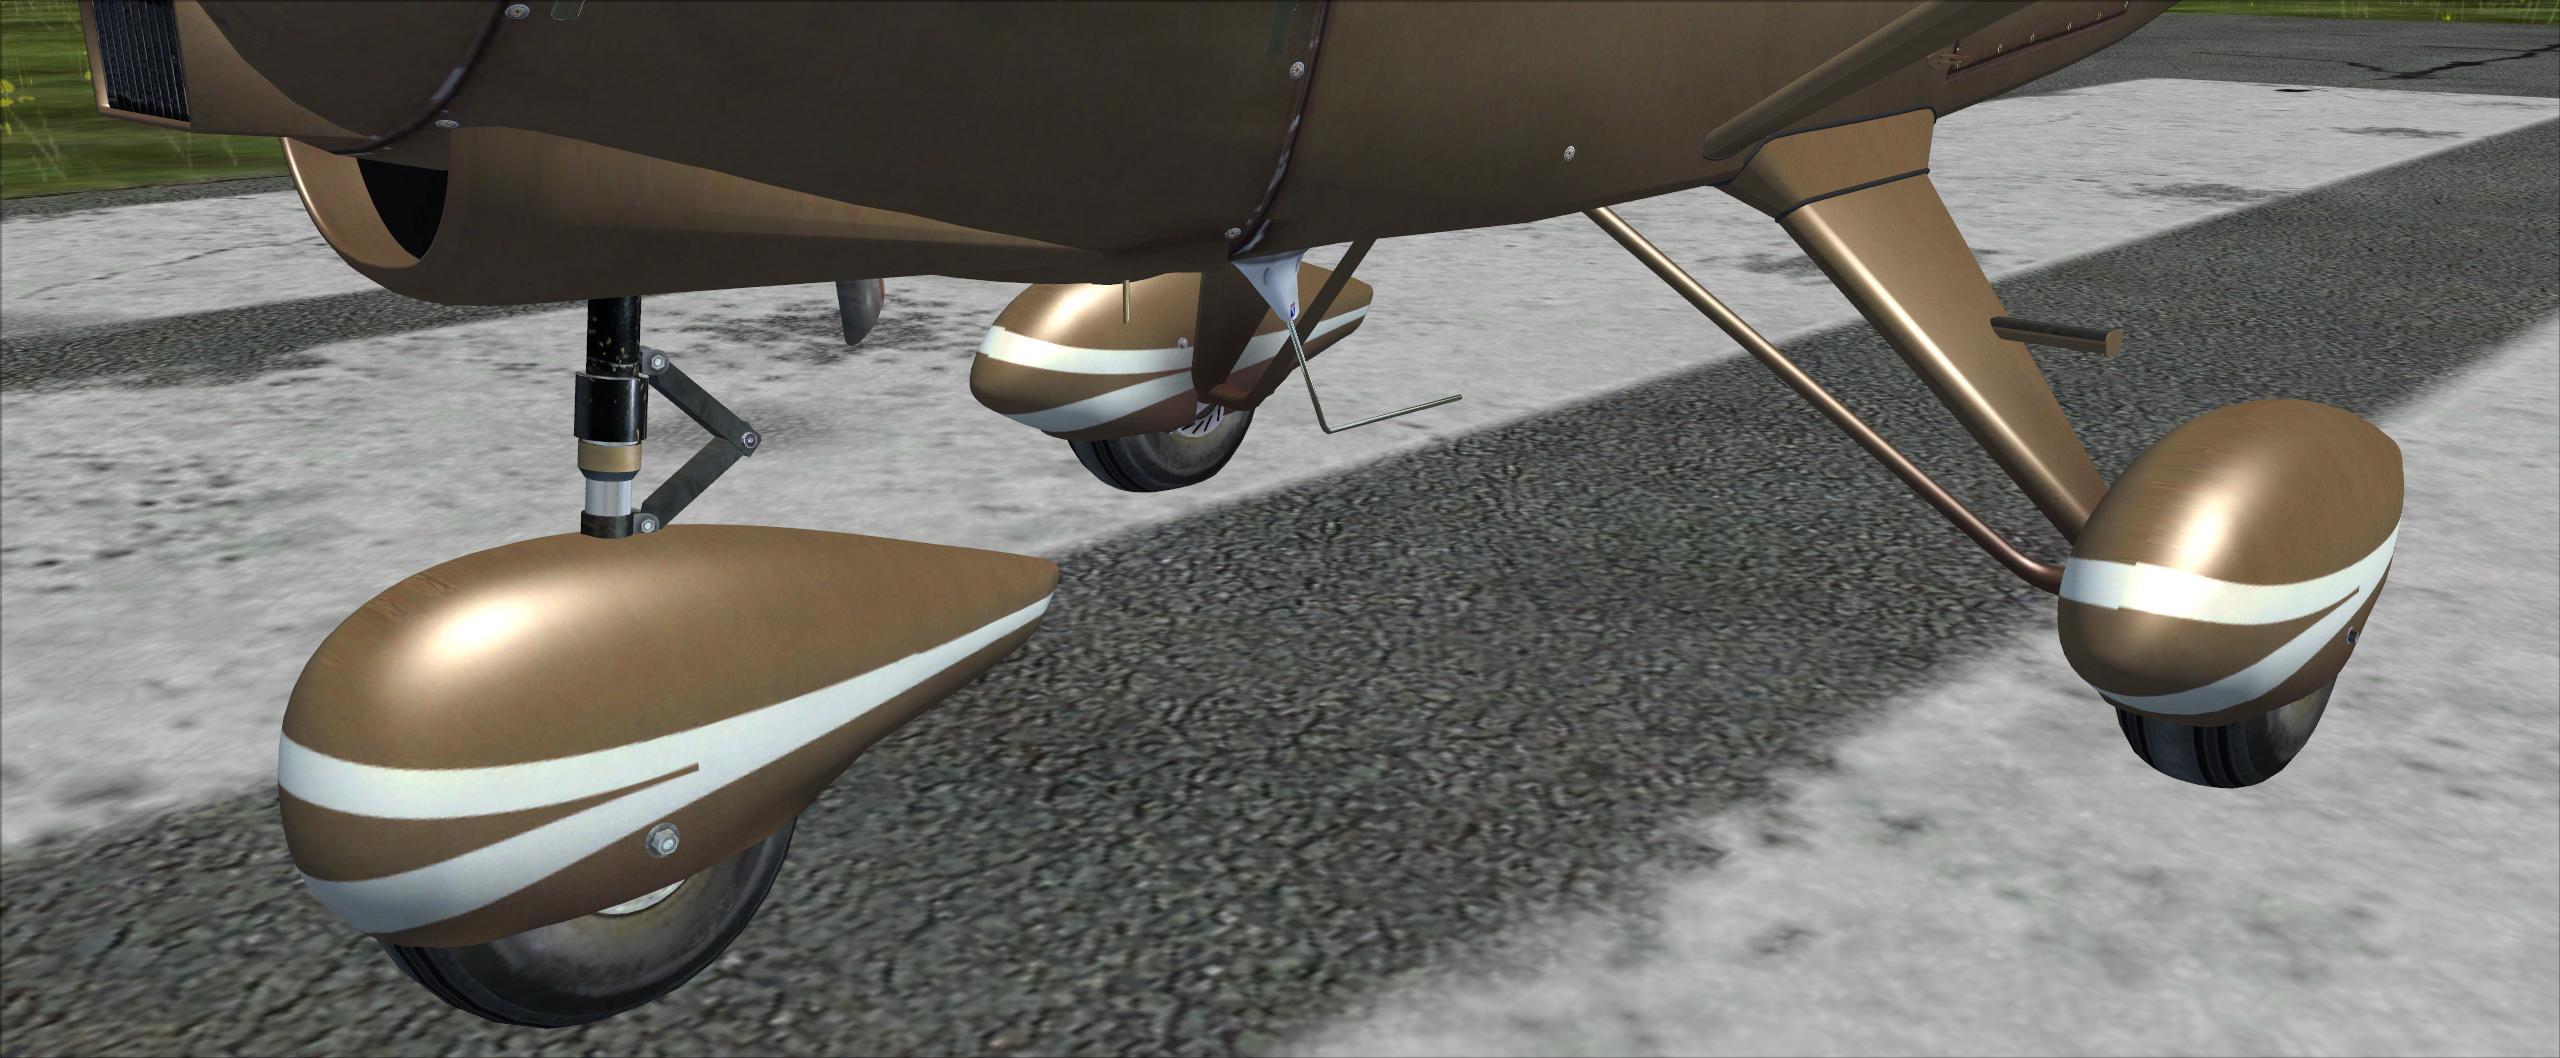 FSX Insider | Mutley's Hangar Reviews Lionheart's Piper Pacer